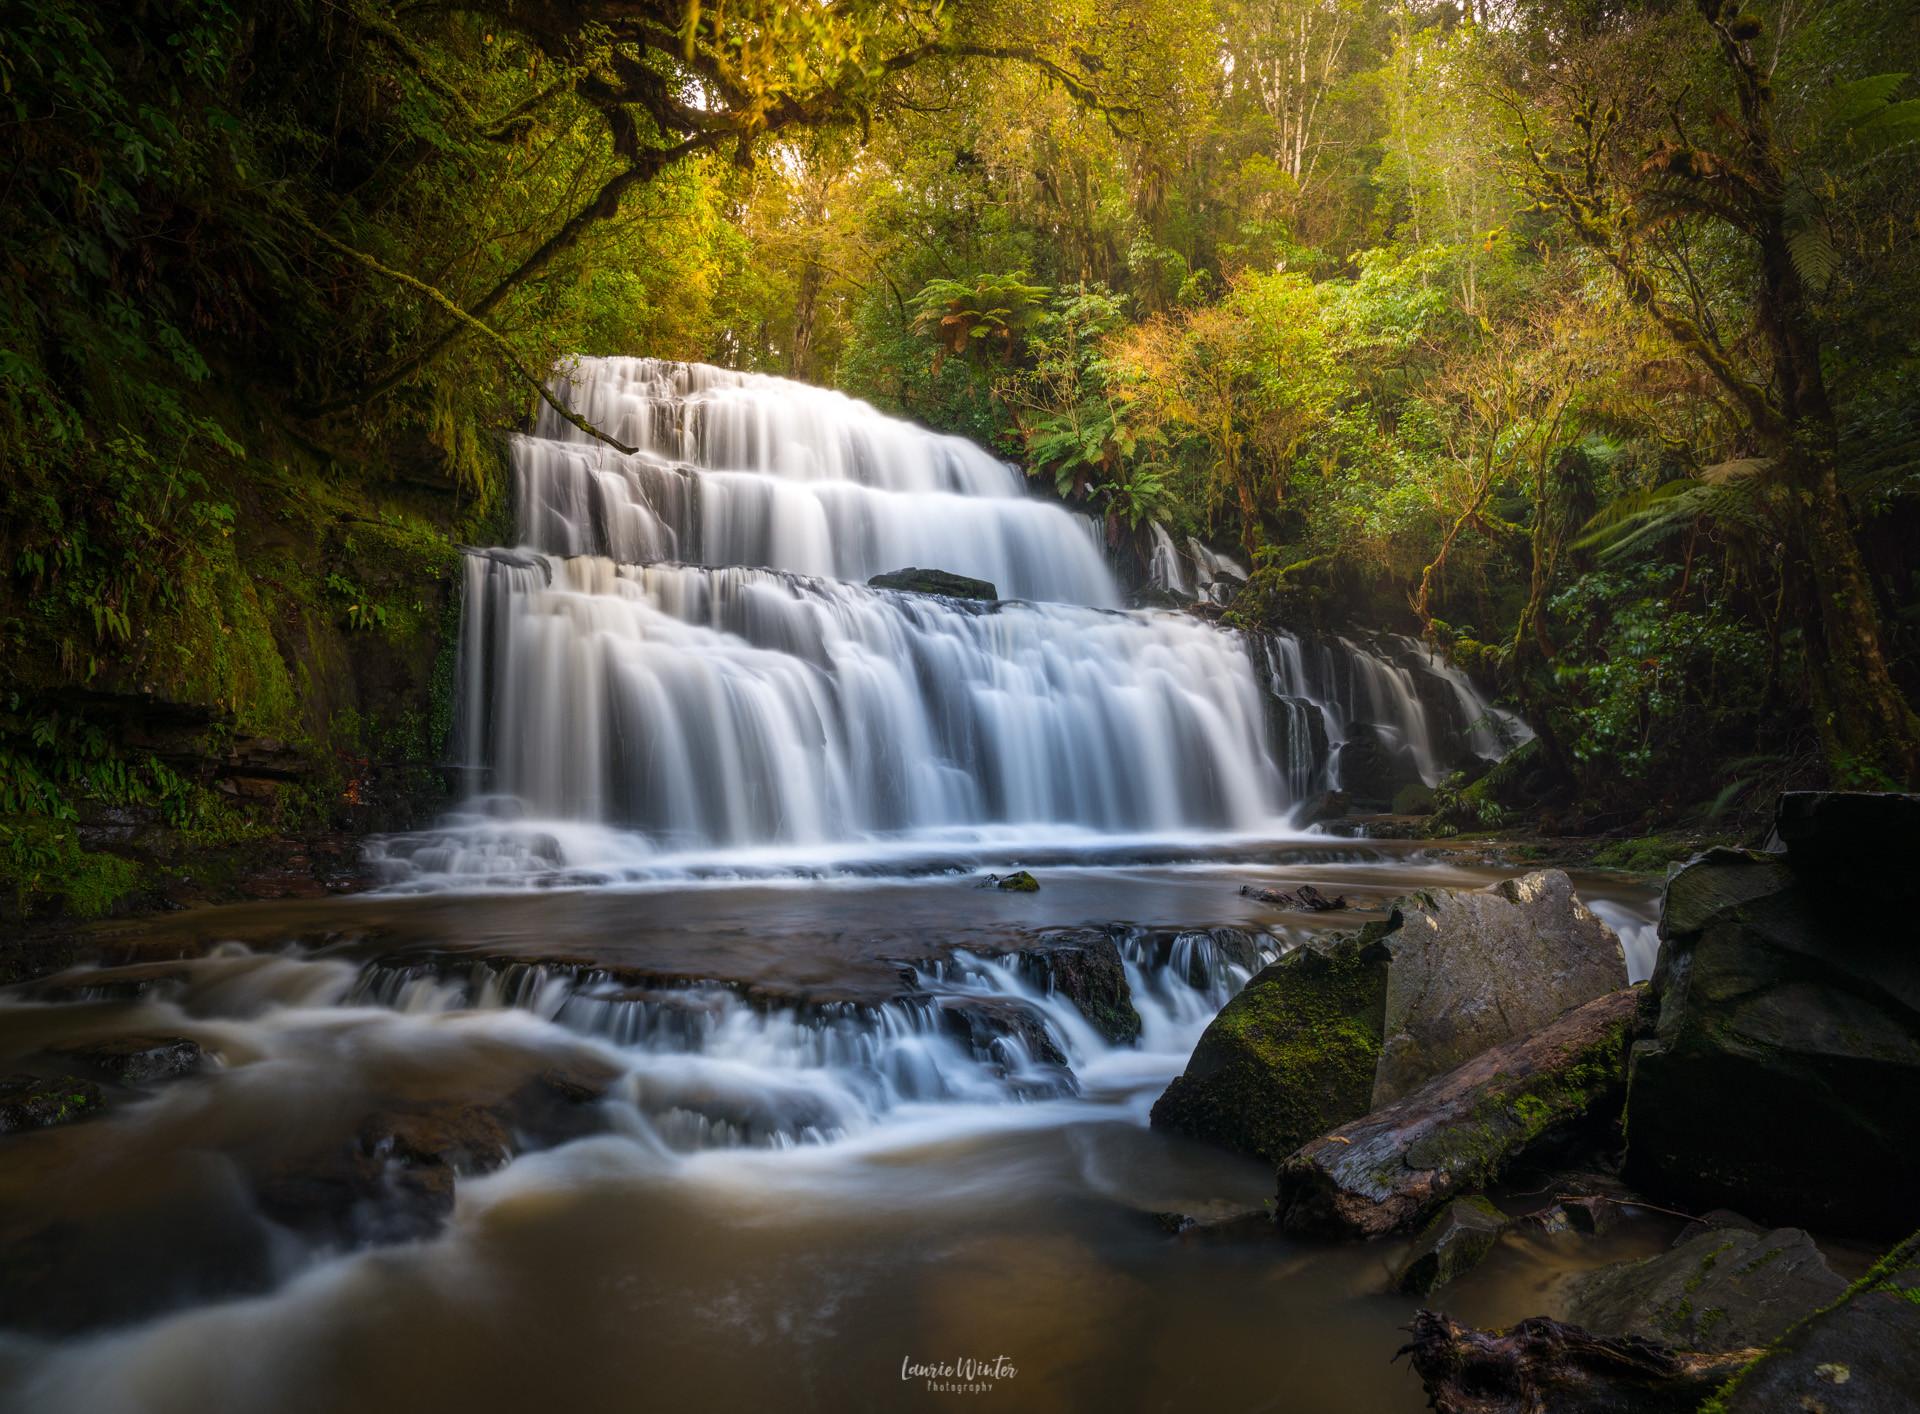 catlins-purakaunui-falls-nz.jpg